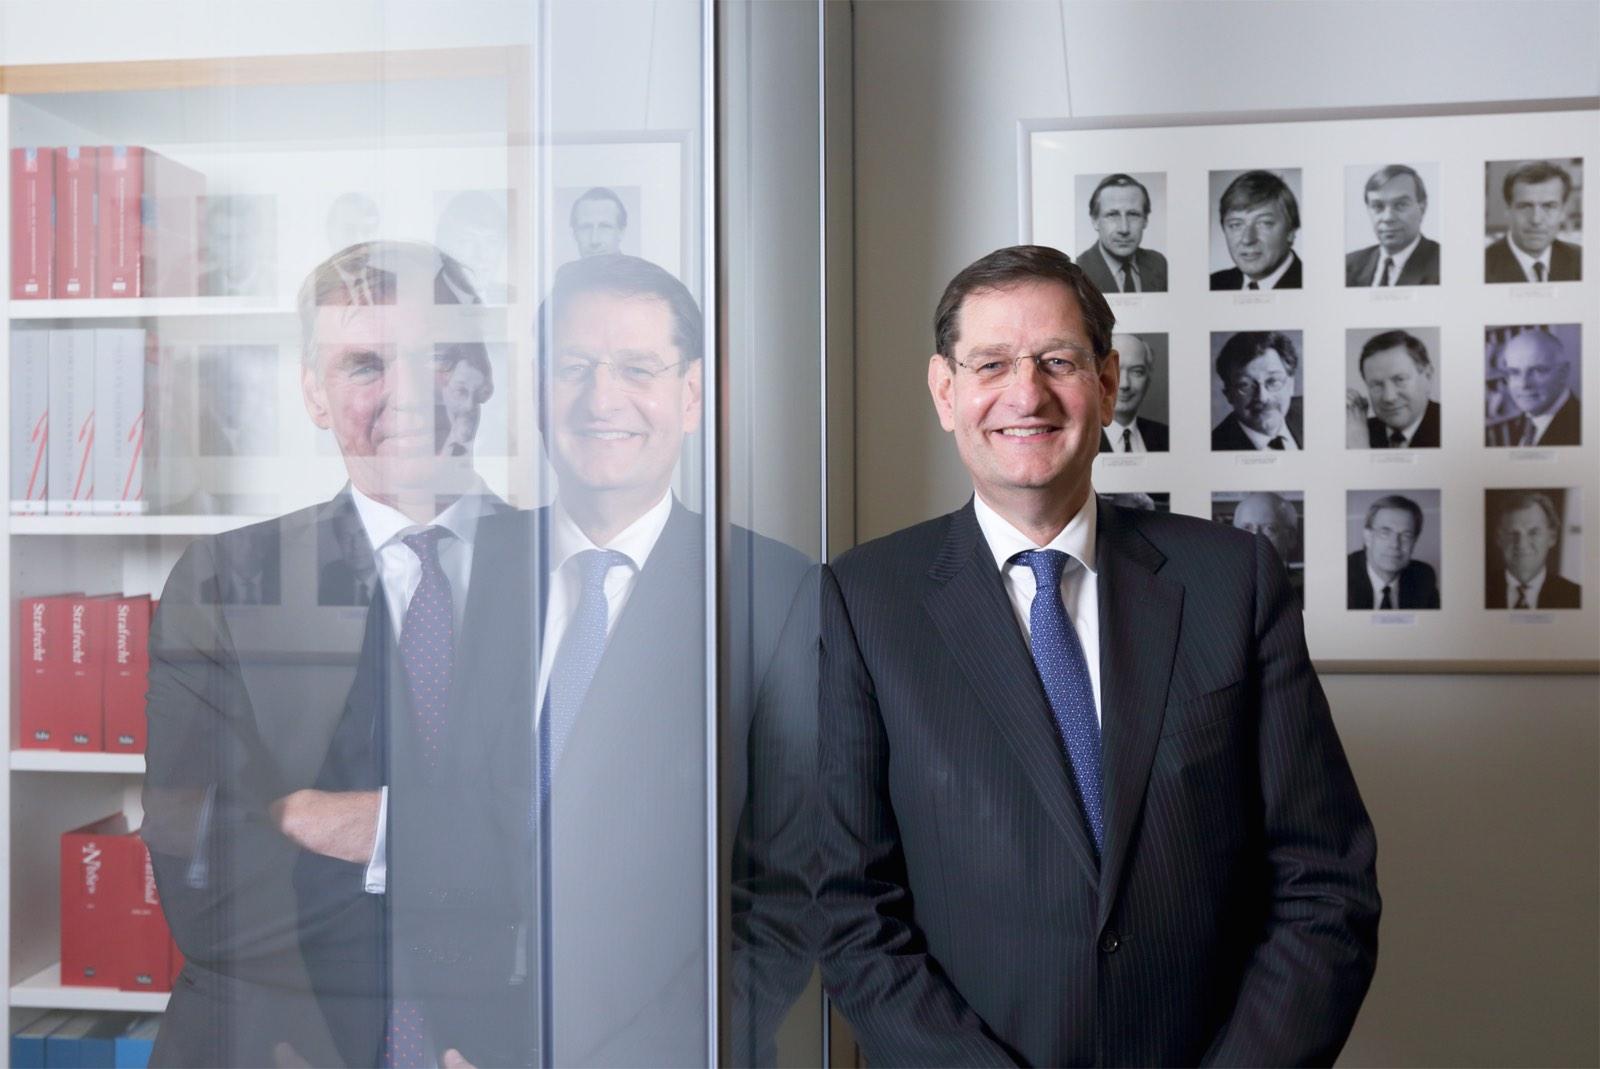 Portret algemeen deken orde van advocaten door Wilmar Dik